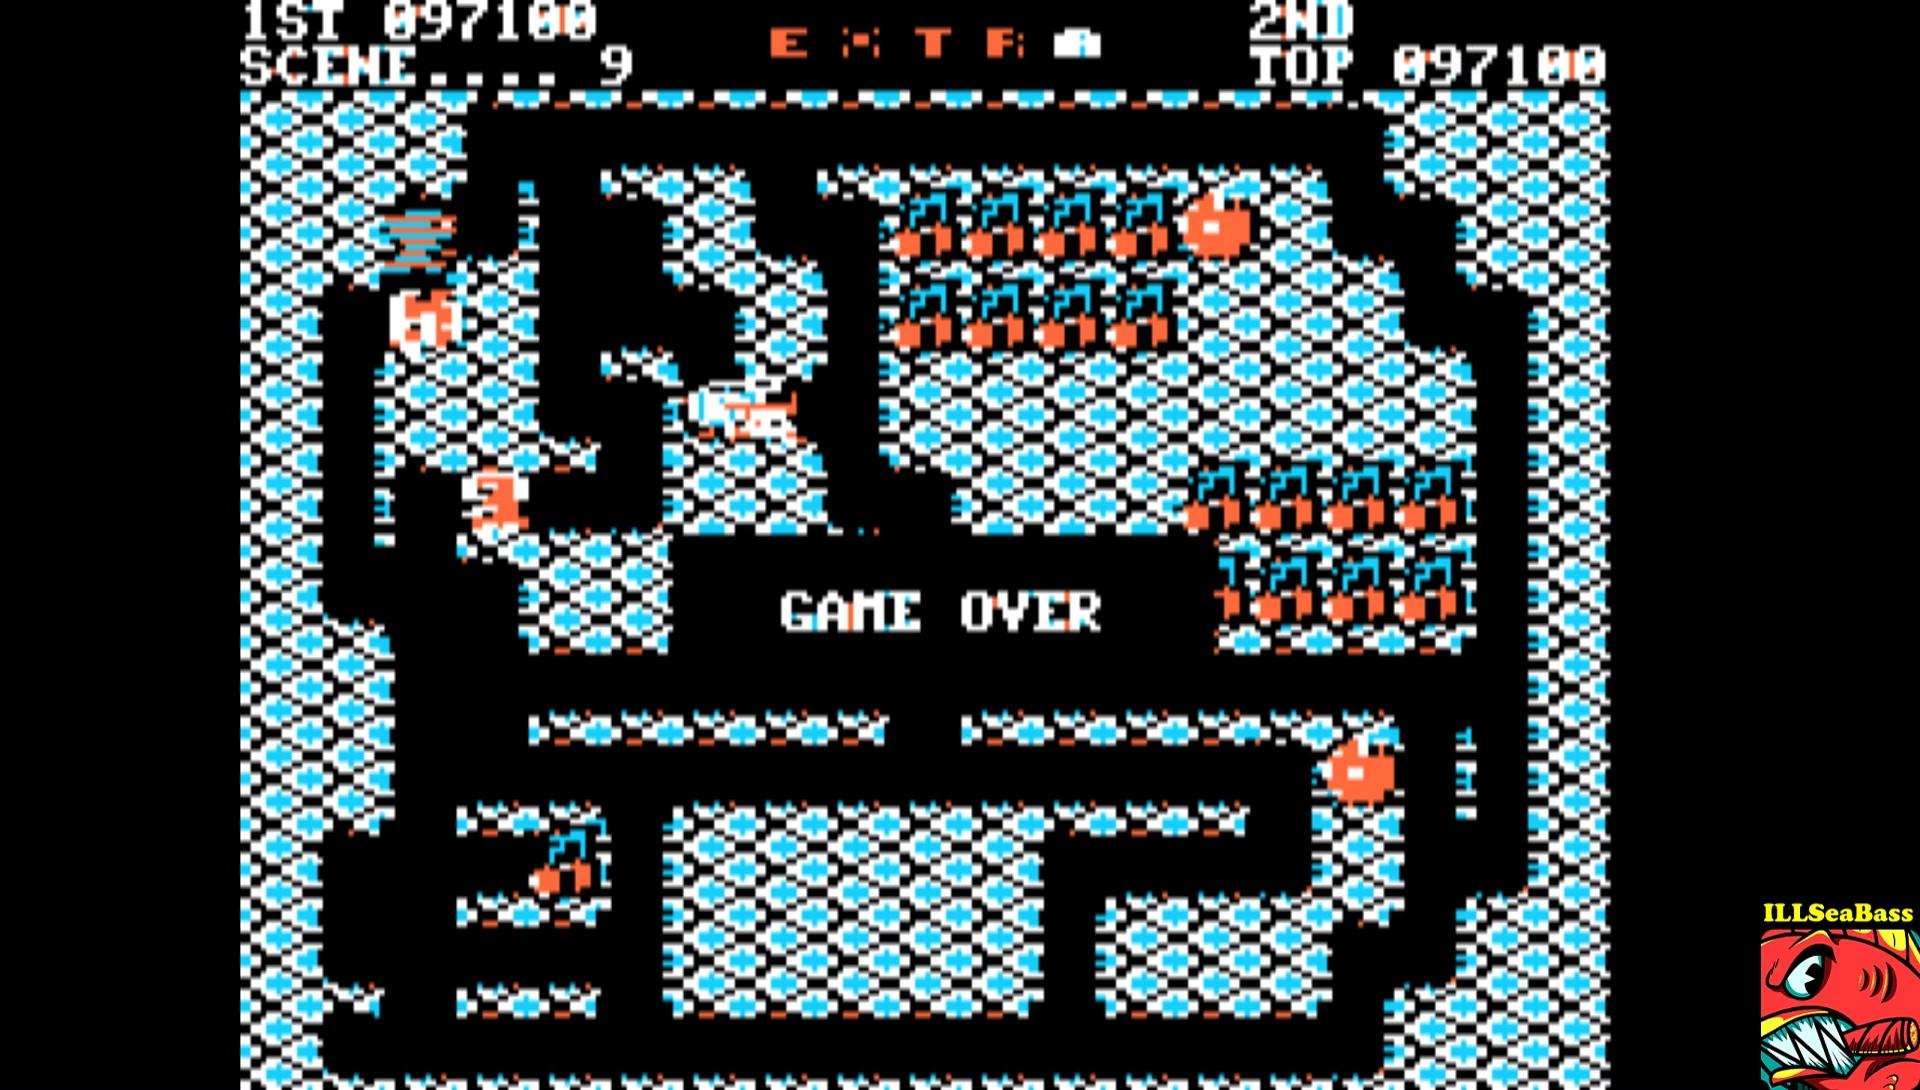 ILLSeaBass: Mr. Do! (Apple II Emulated) 97,100 points on 2017-02-21 13:55:40